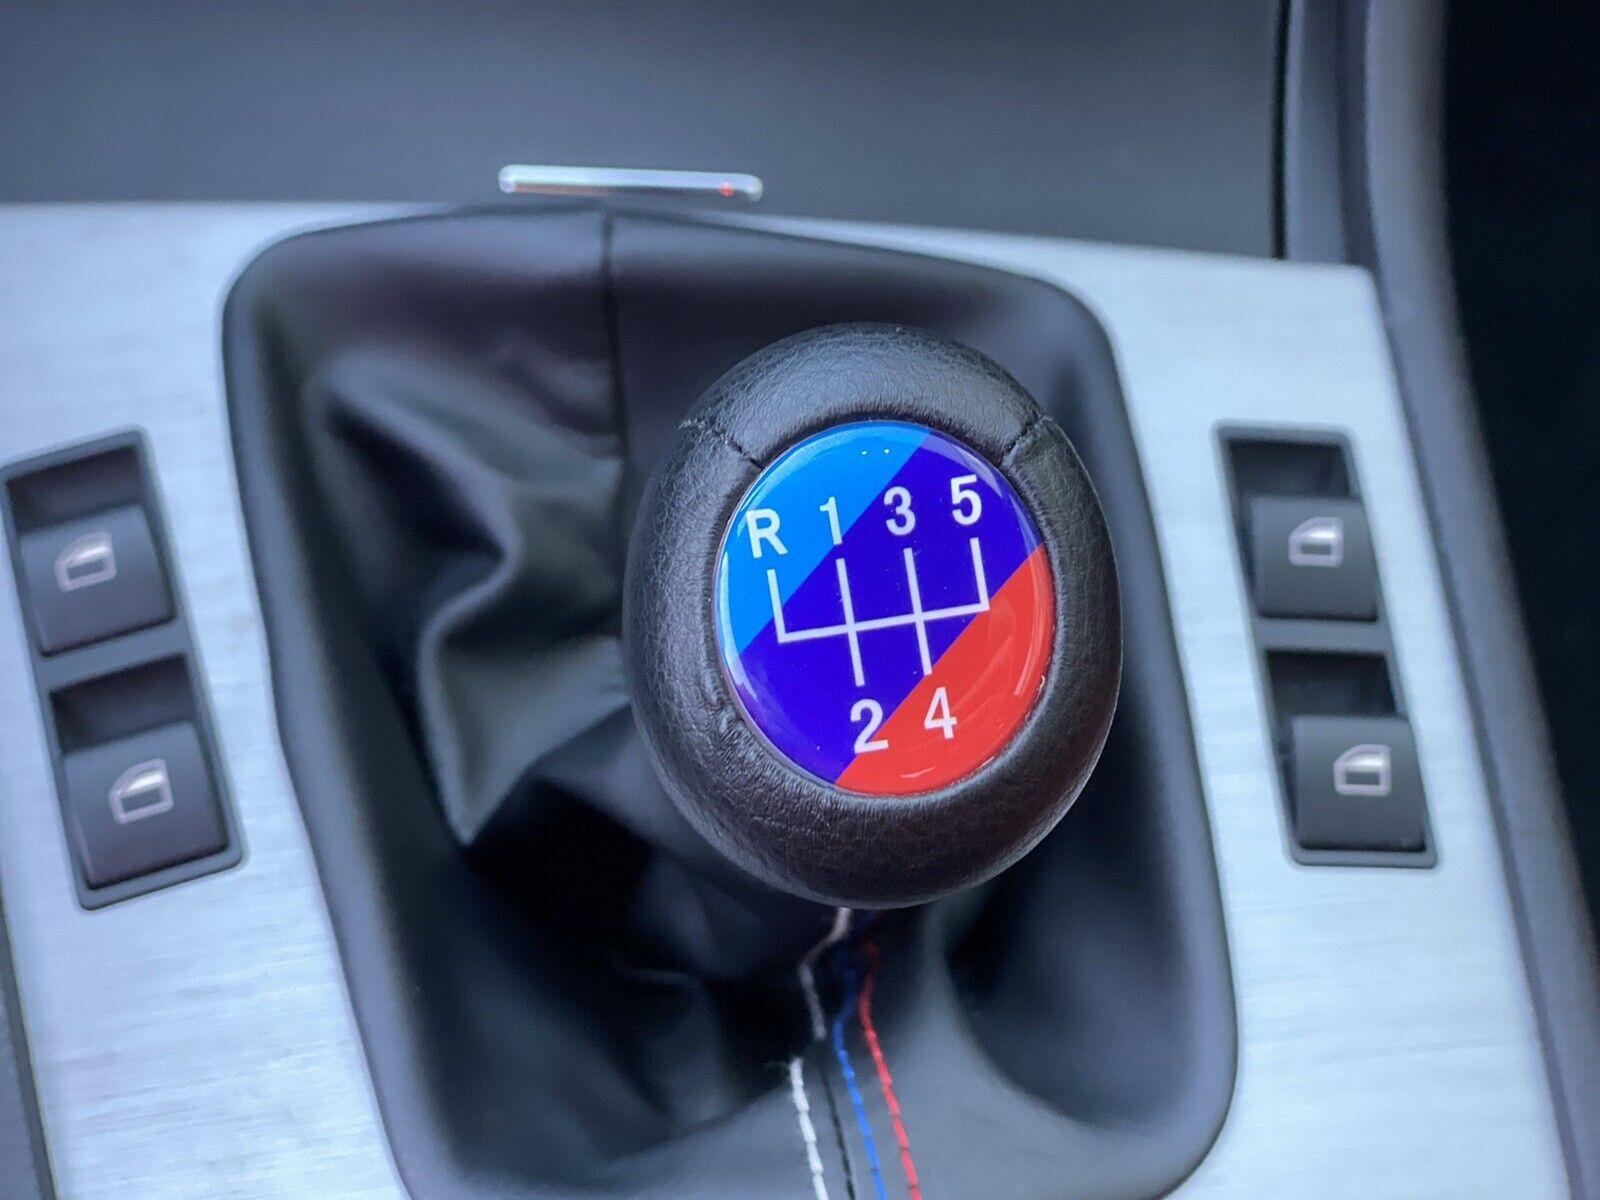 5 Gang Schaltknauf Knauf für BMW E30 E34 E36 E38 E39 E46